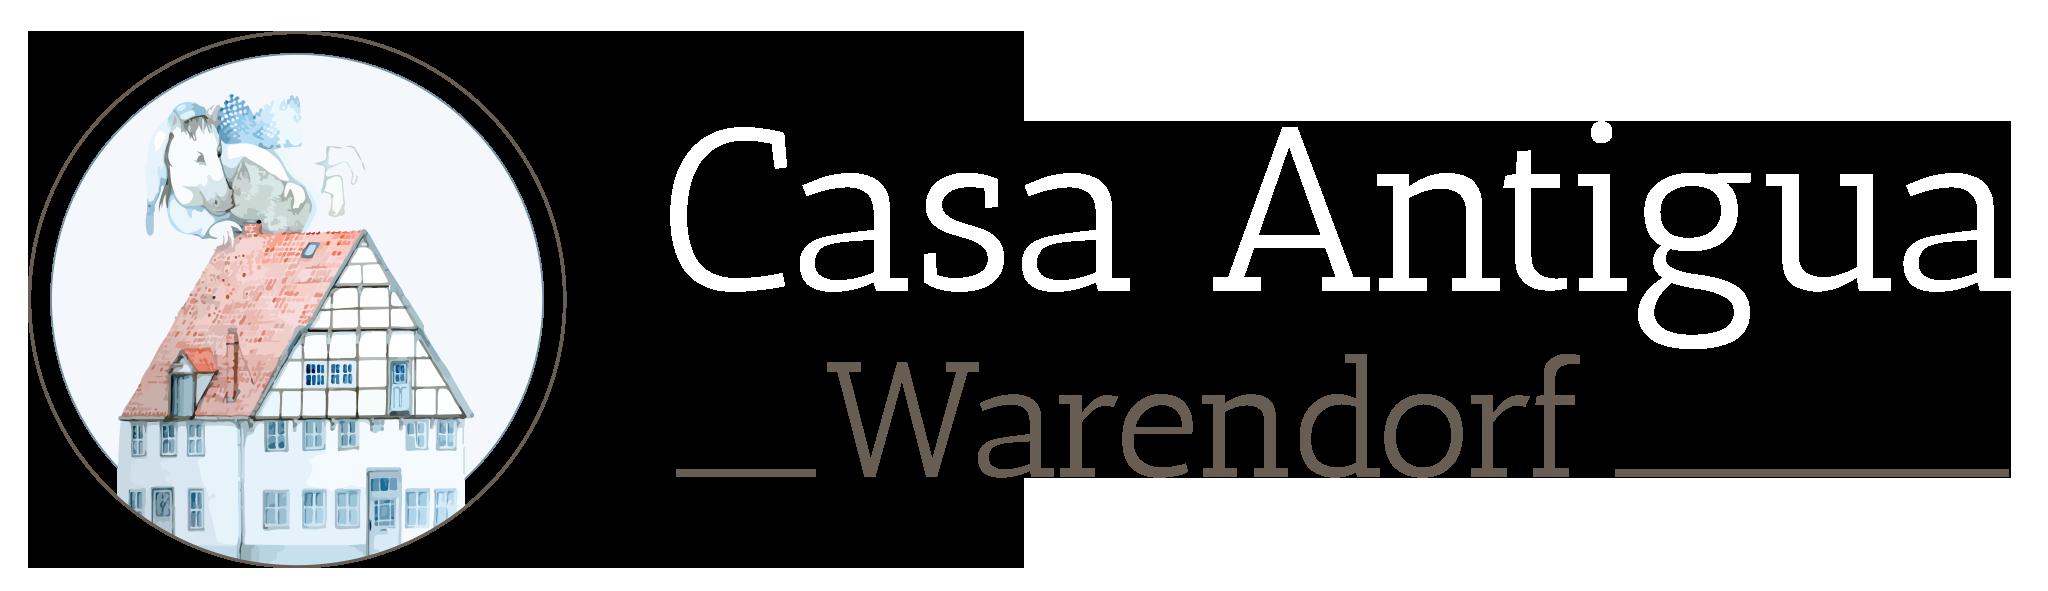 Ferienhaus Warendorf Logo